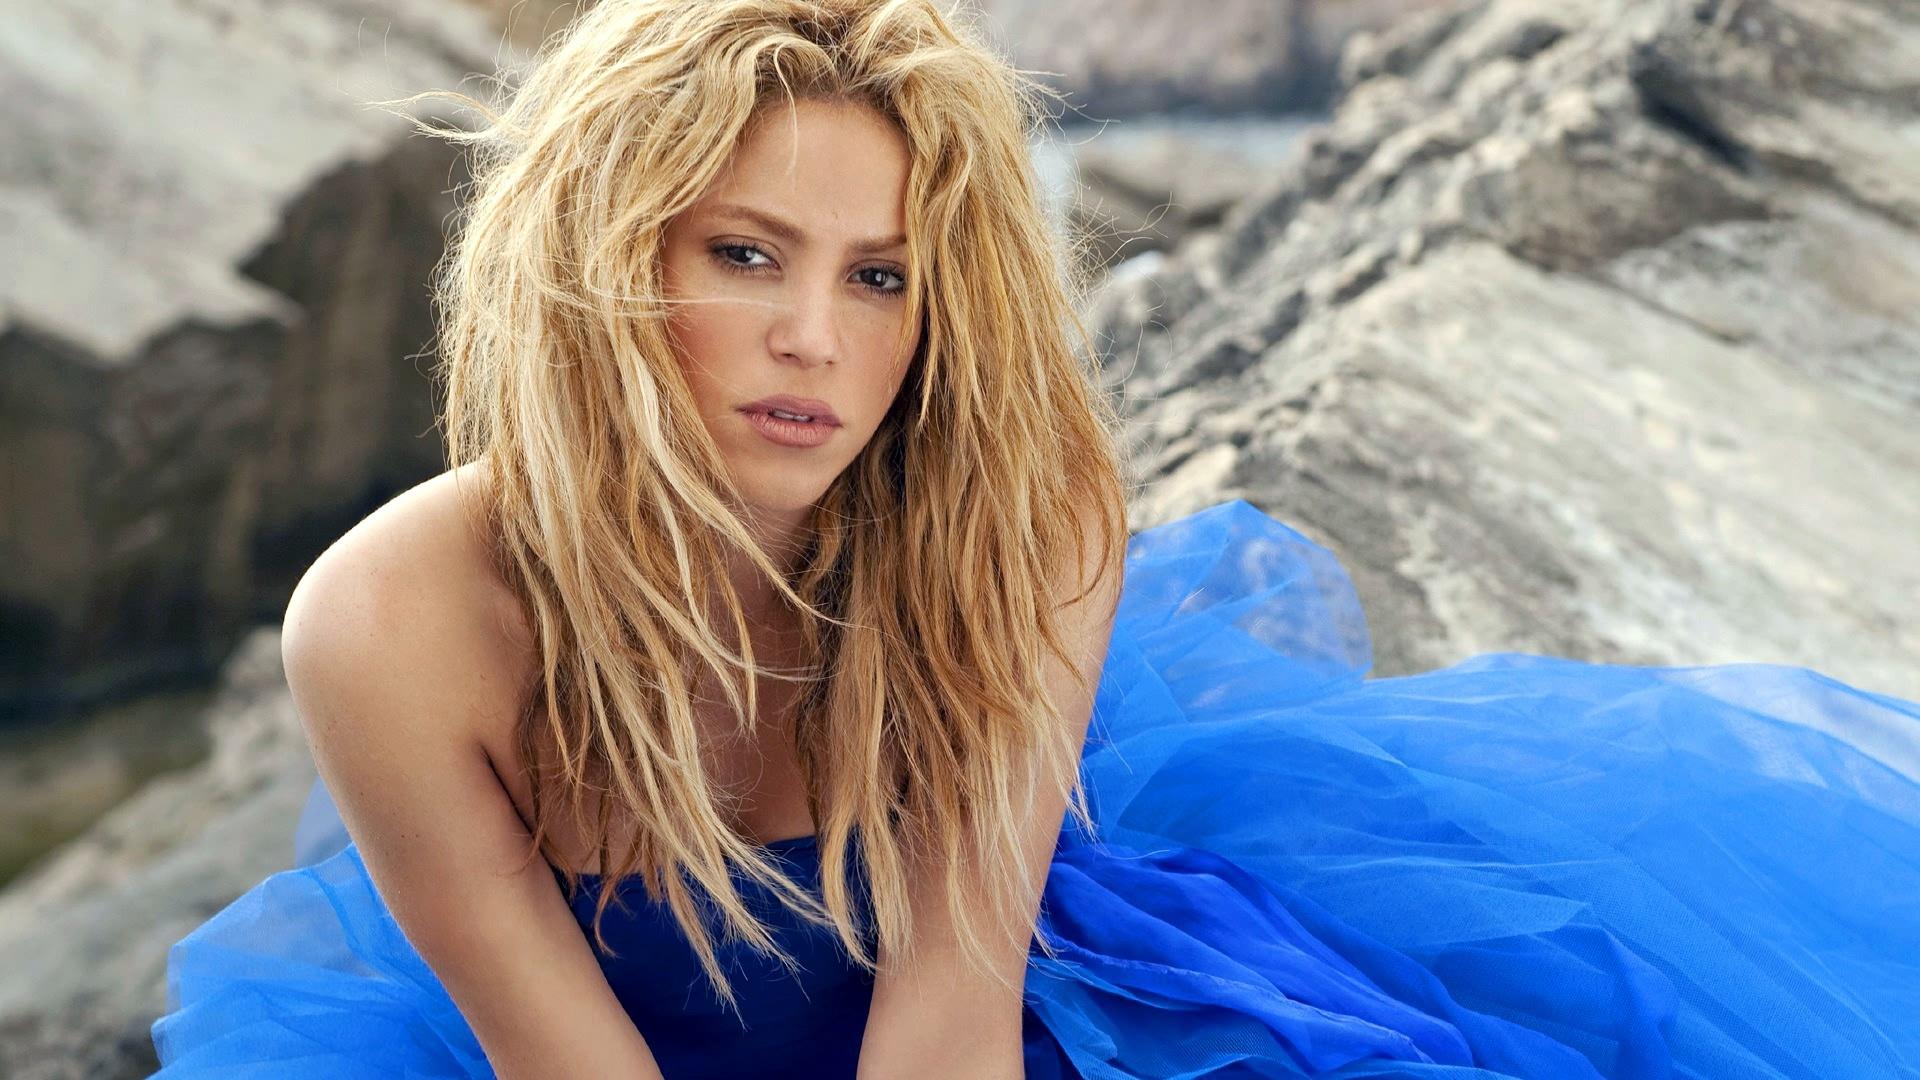 Shakira - Shakira Wallpaper (27722014) - Fanpop